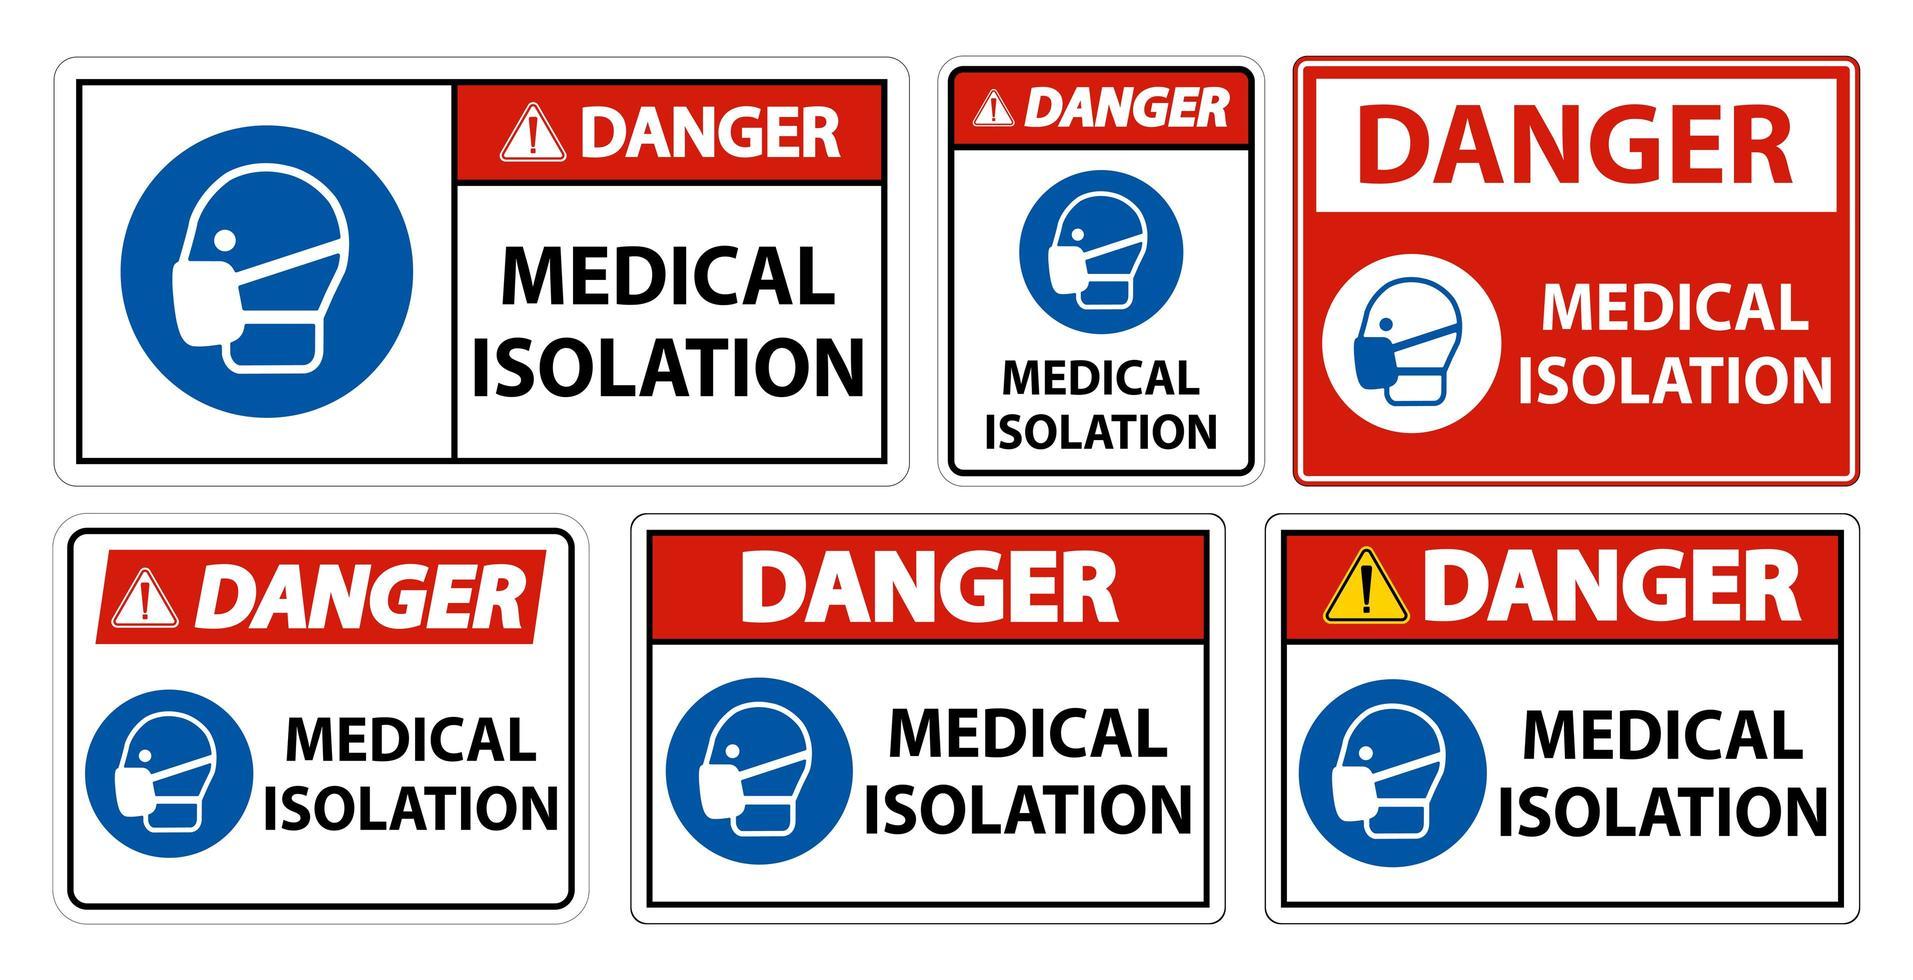 ensemble de signe de danger médical isolat vecteur